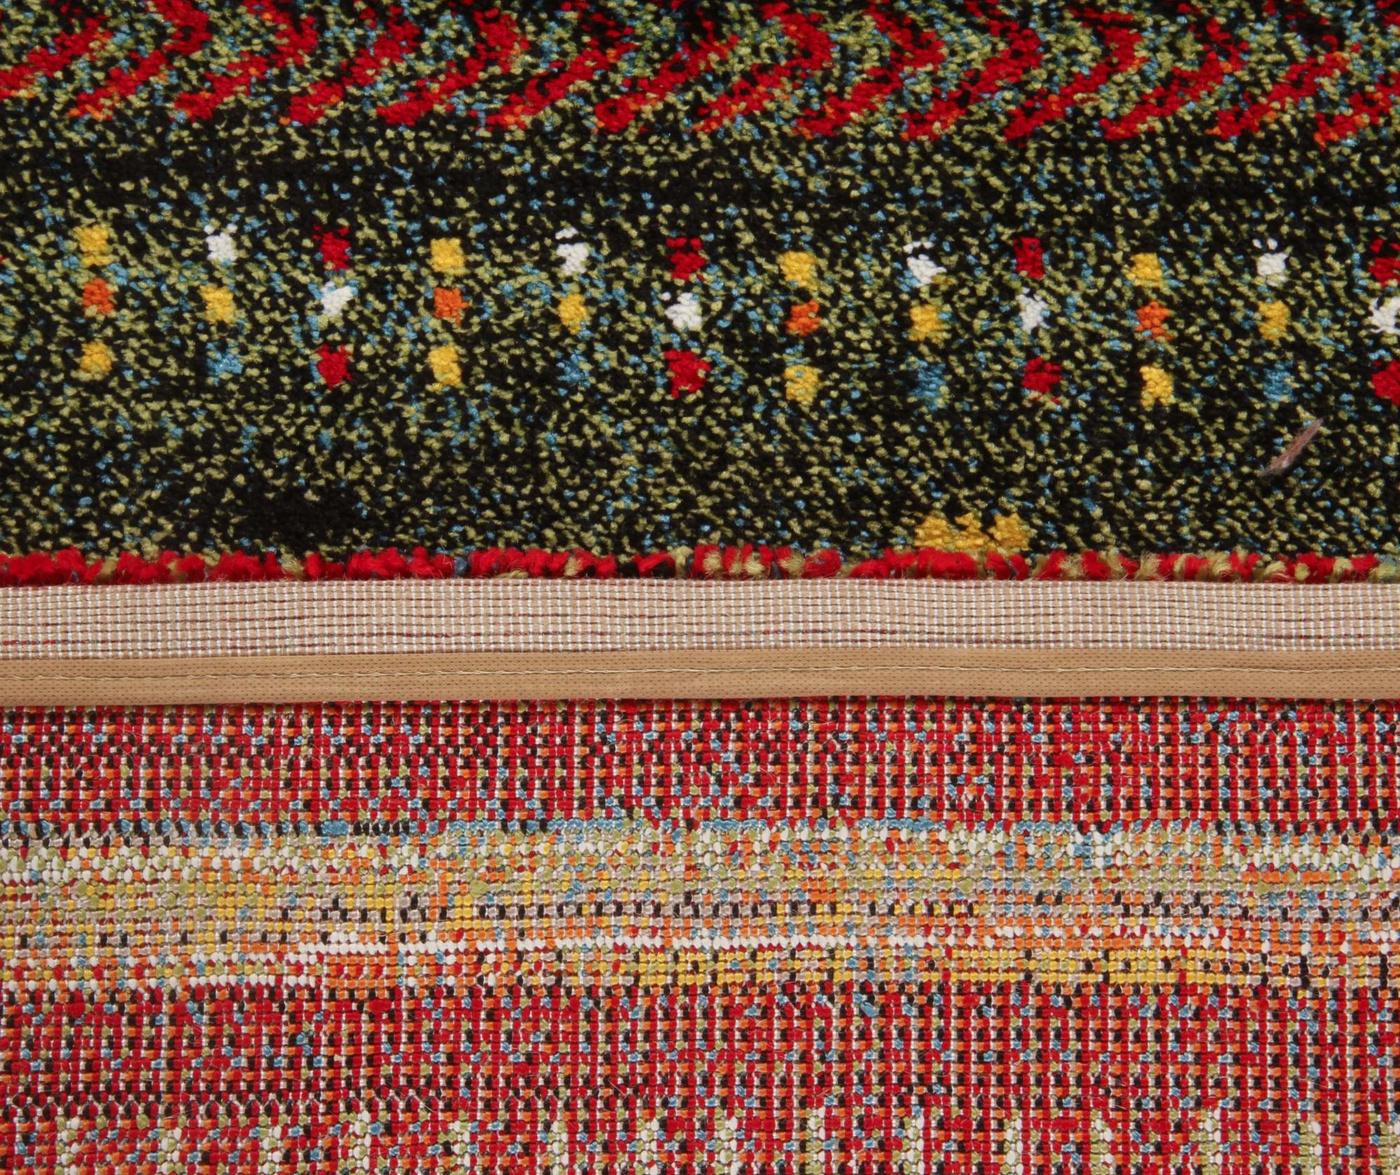 Shiraz Szőnyeg 80x150 cm